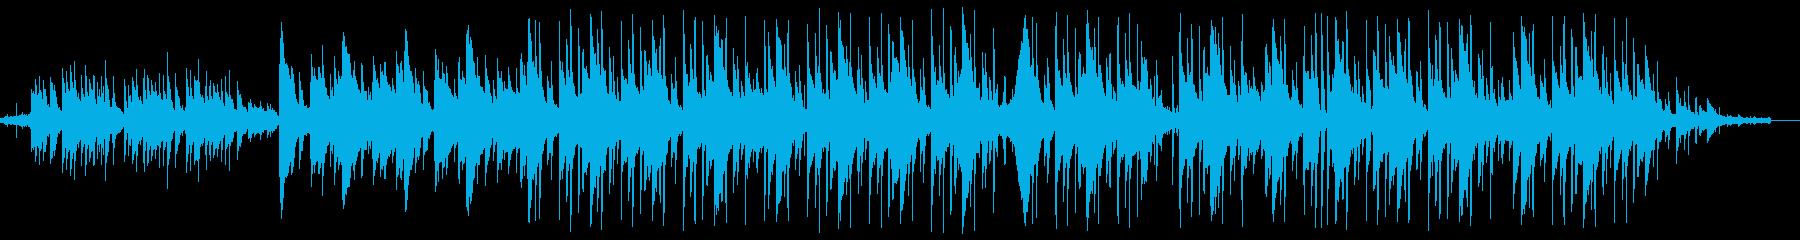 ローファイヒップホップ 川 鳥の再生済みの波形